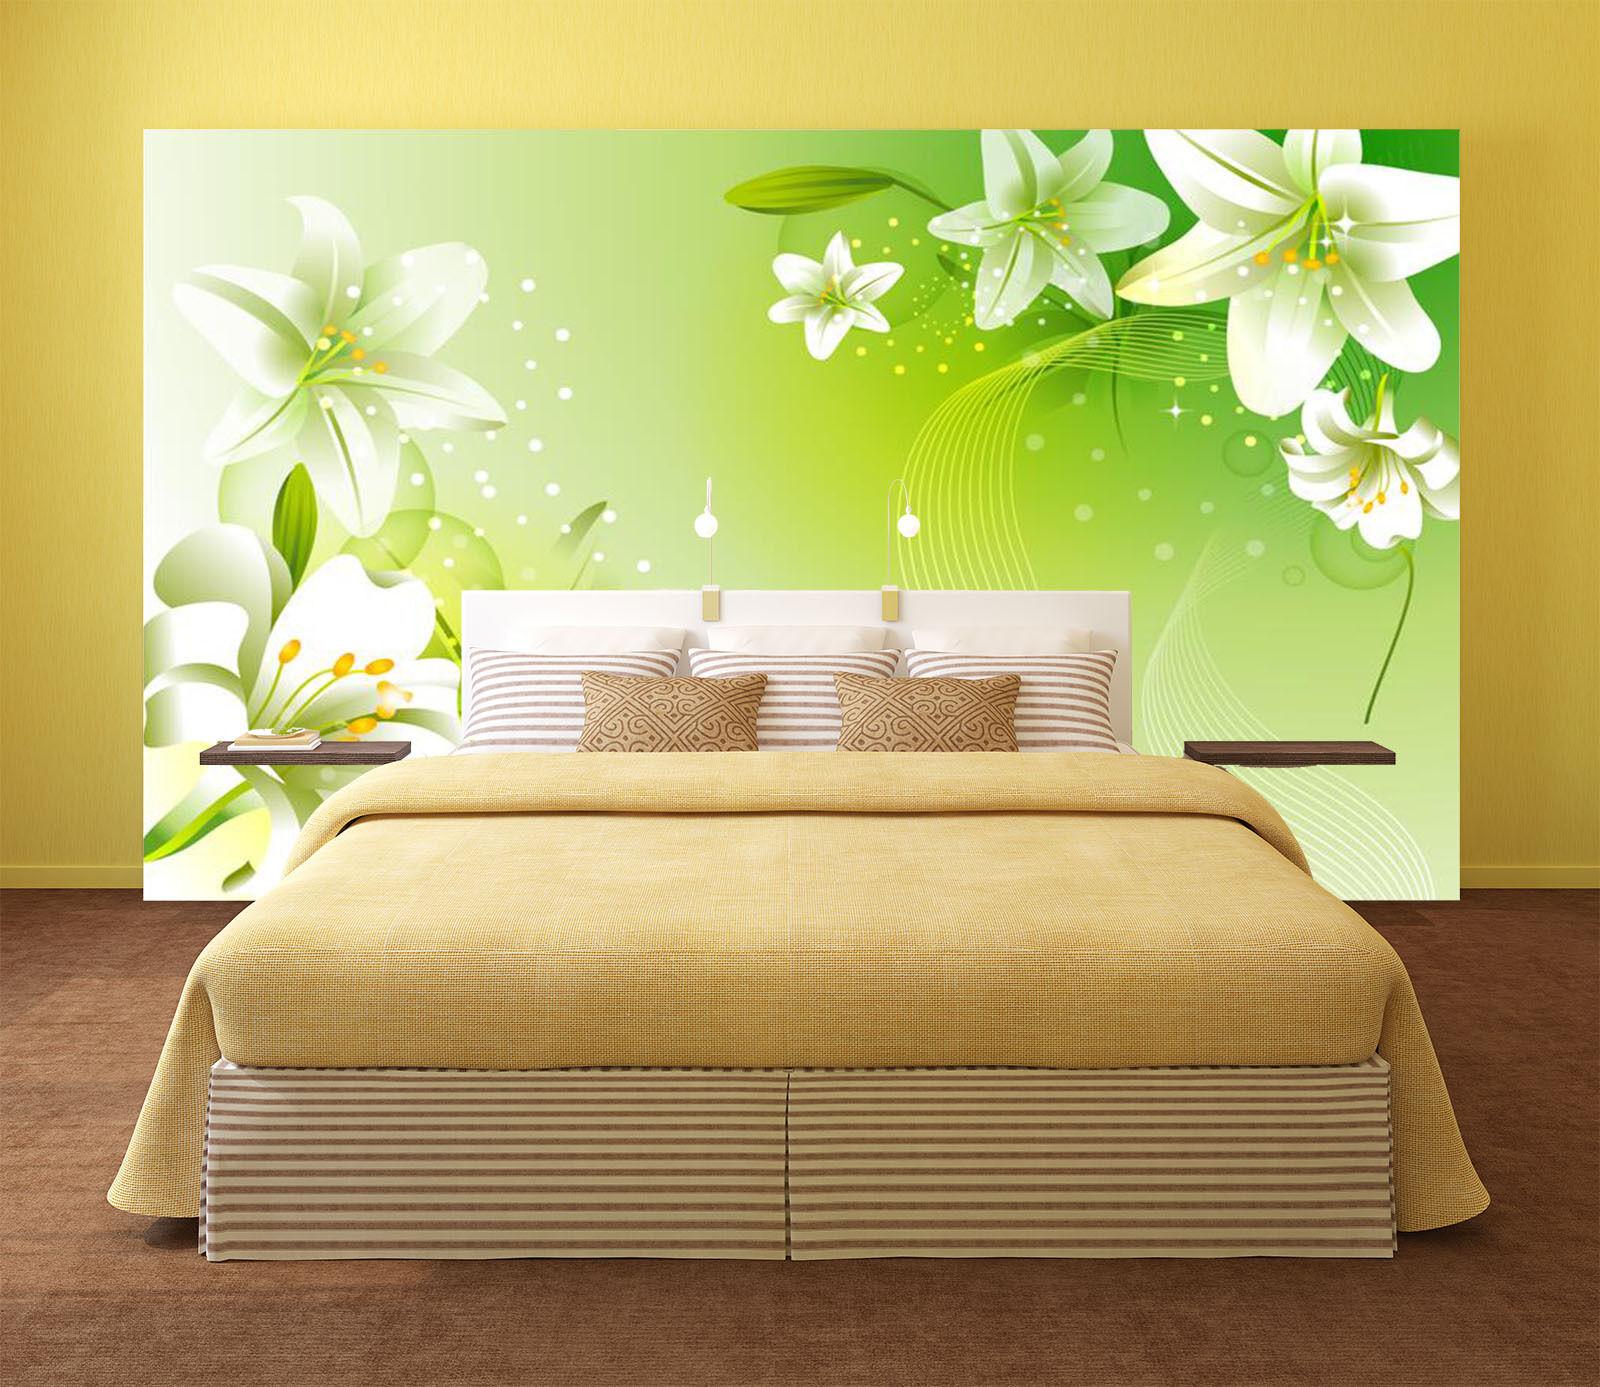 3D Weiß Lily Flower Plant 432 Wall Paper Wall Wall Wall Print Decal Wall AJ WALLPAPER CA 5b0260